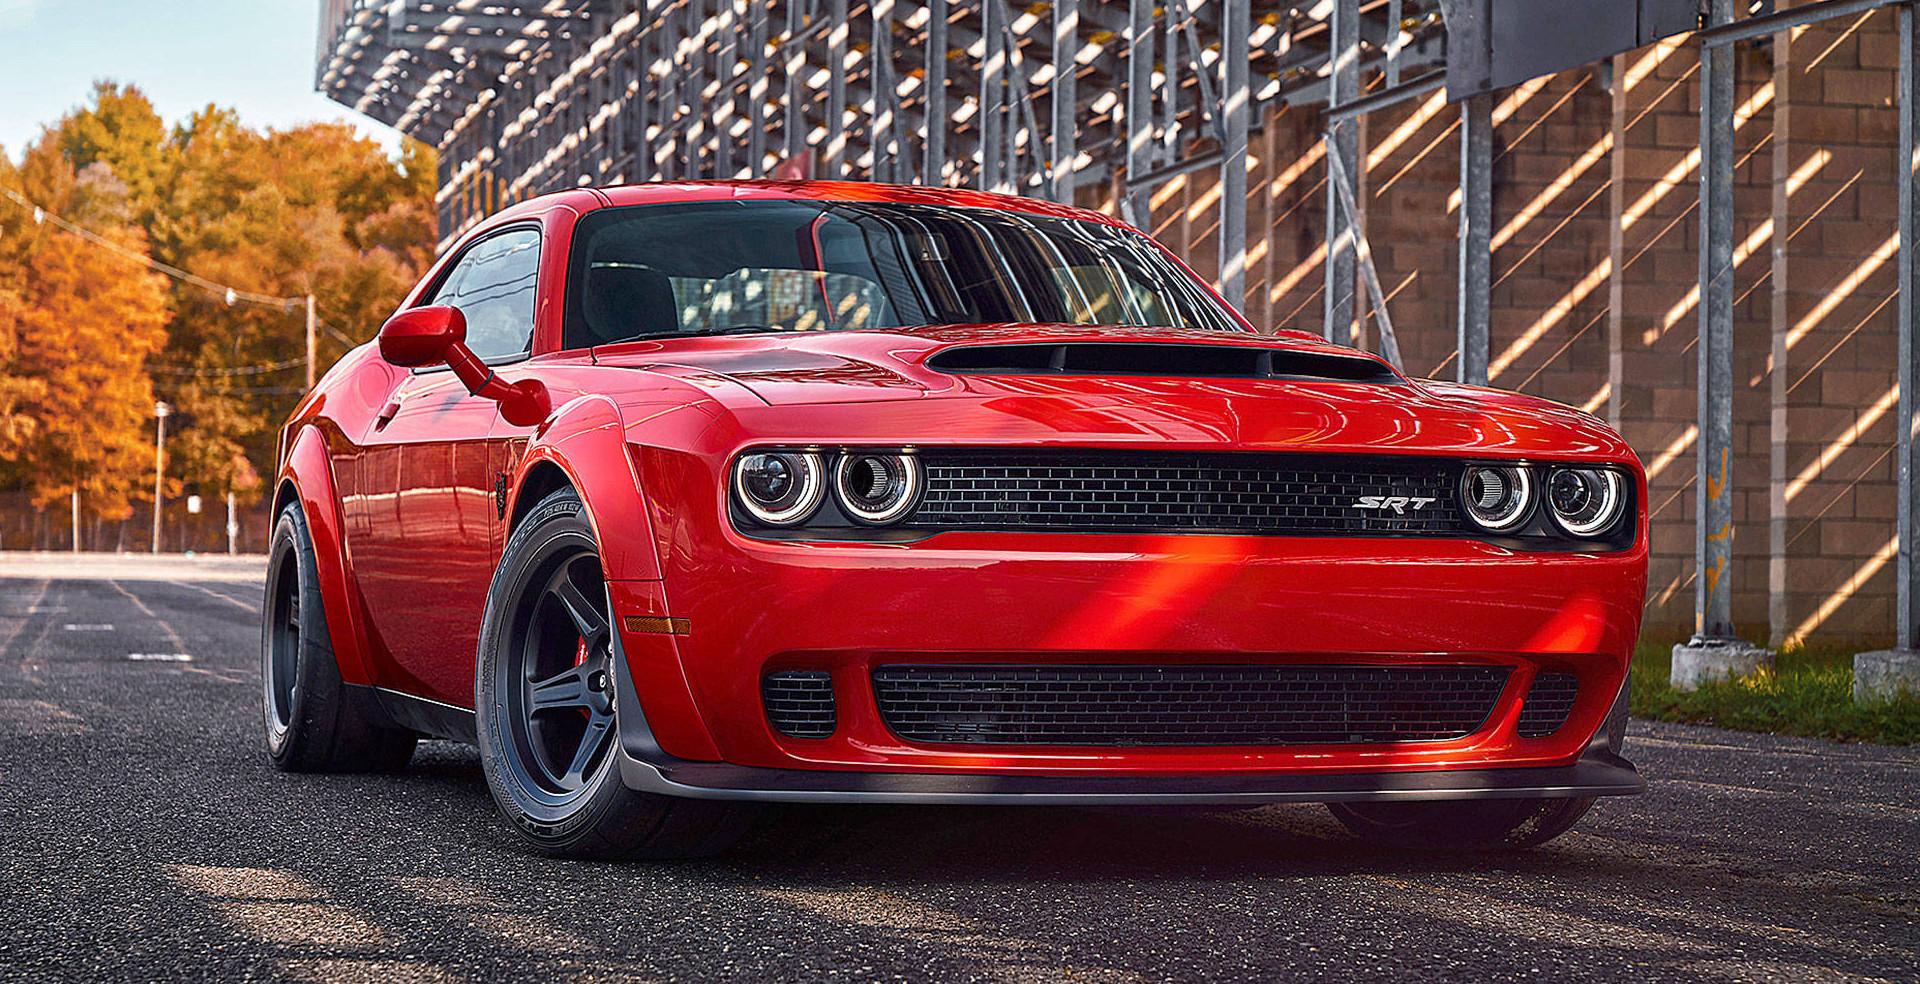 Test Drive: 2019 Dodge Challenger R/T Scat Pack Plus